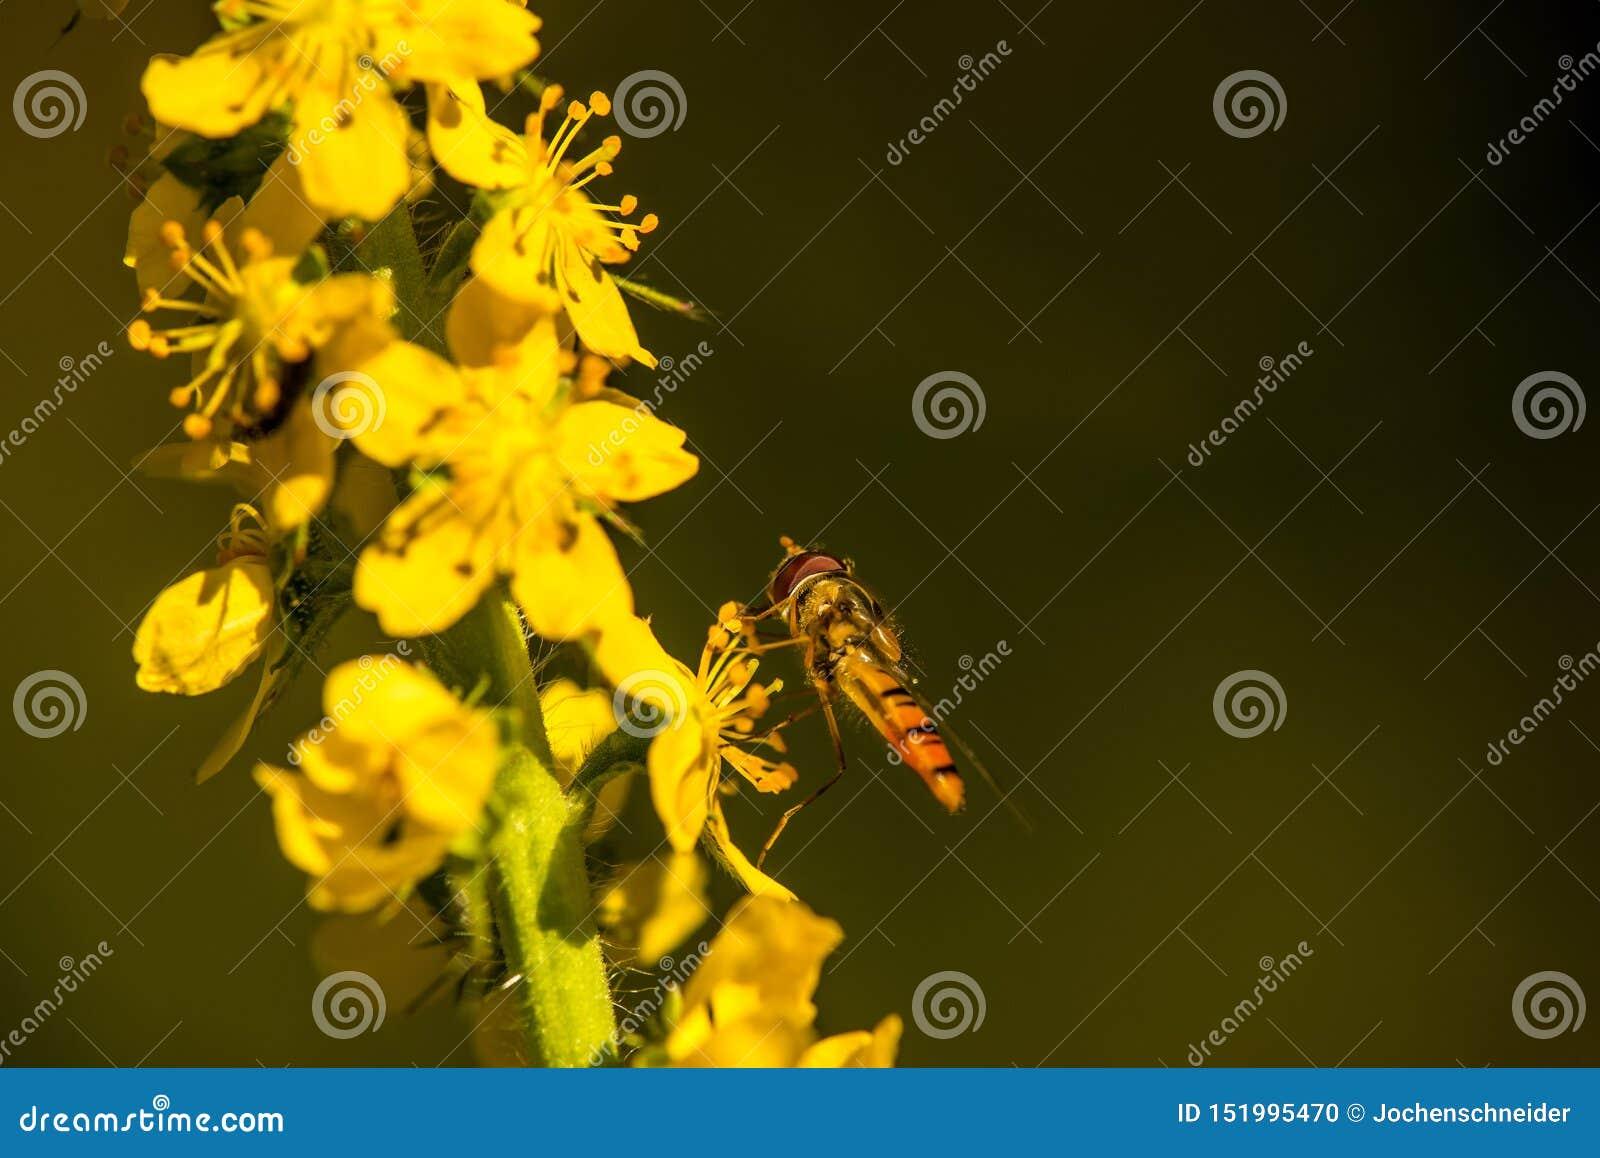 Hoverfly橘子果酱在共同的龙牙草花